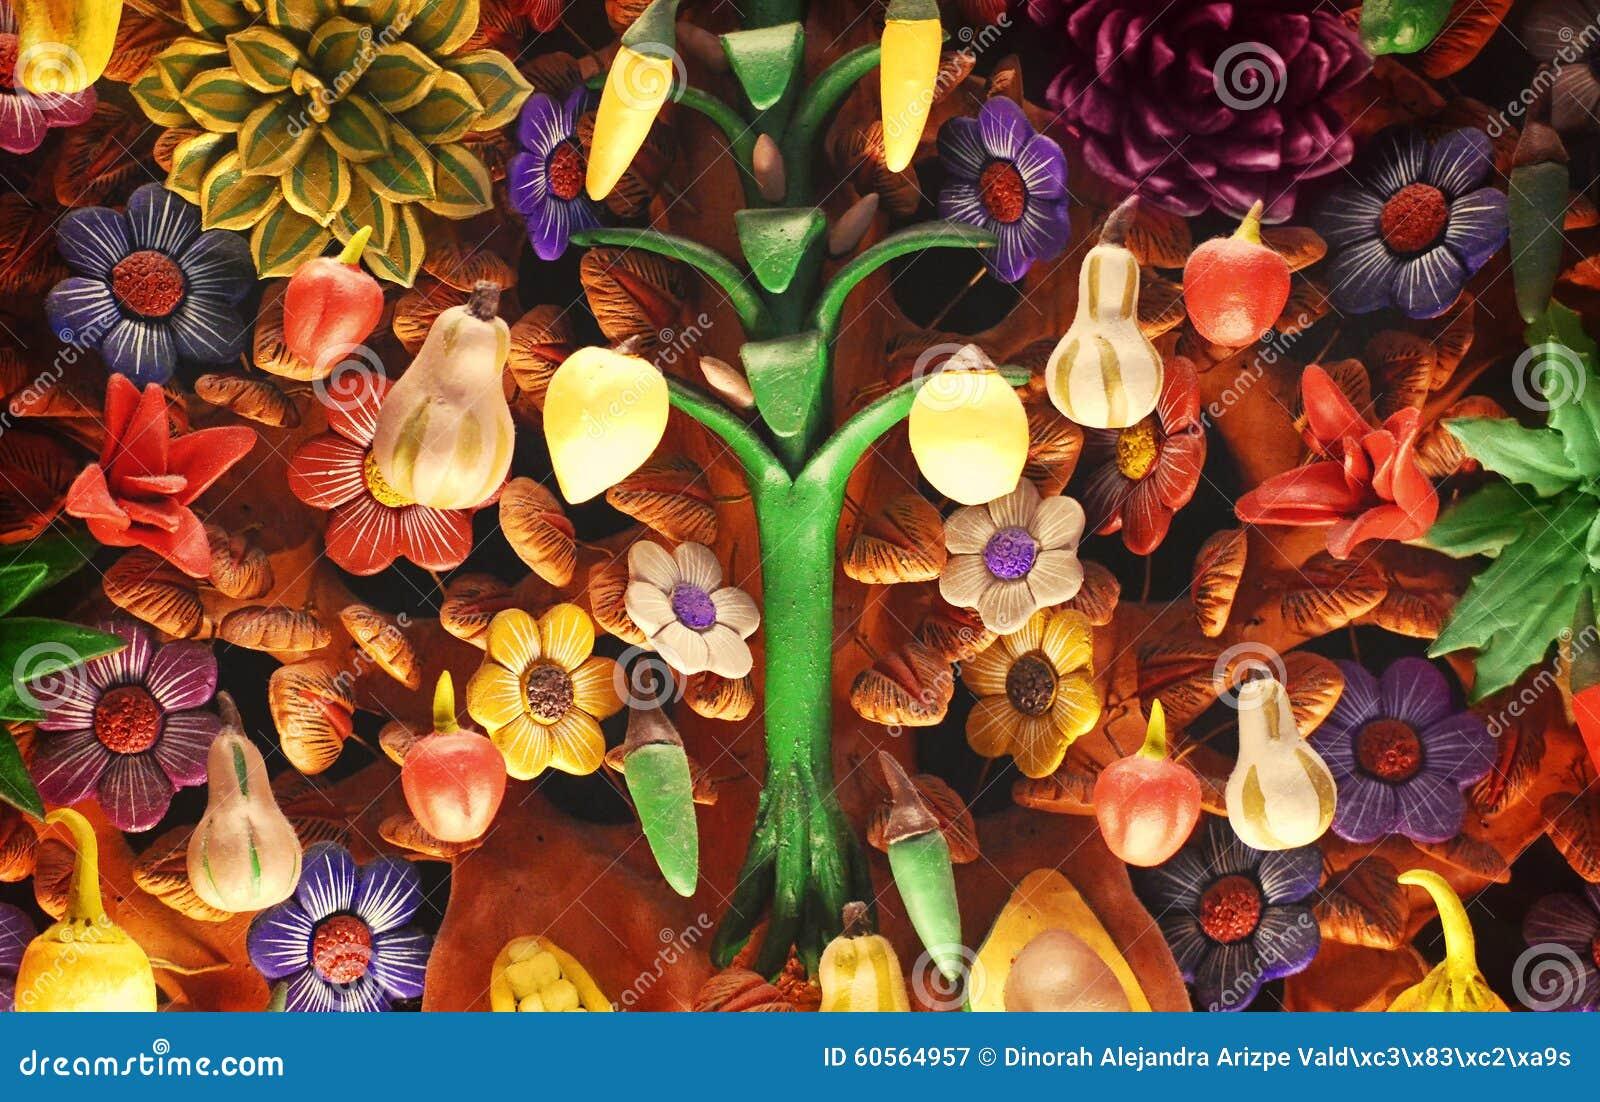 Mexicanskt träd av liv